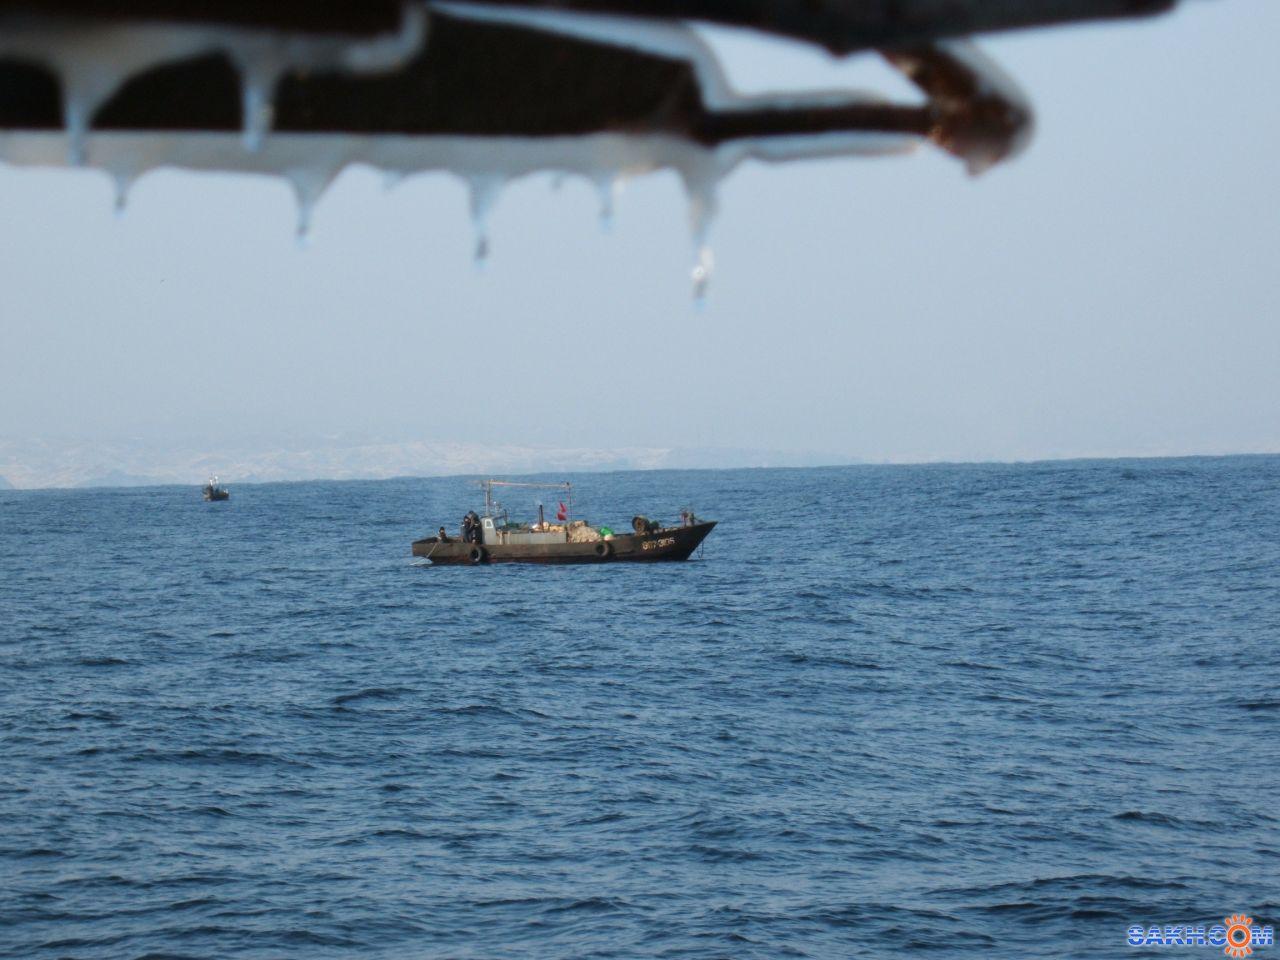 браконьер: северокорейцы,25миль до берега